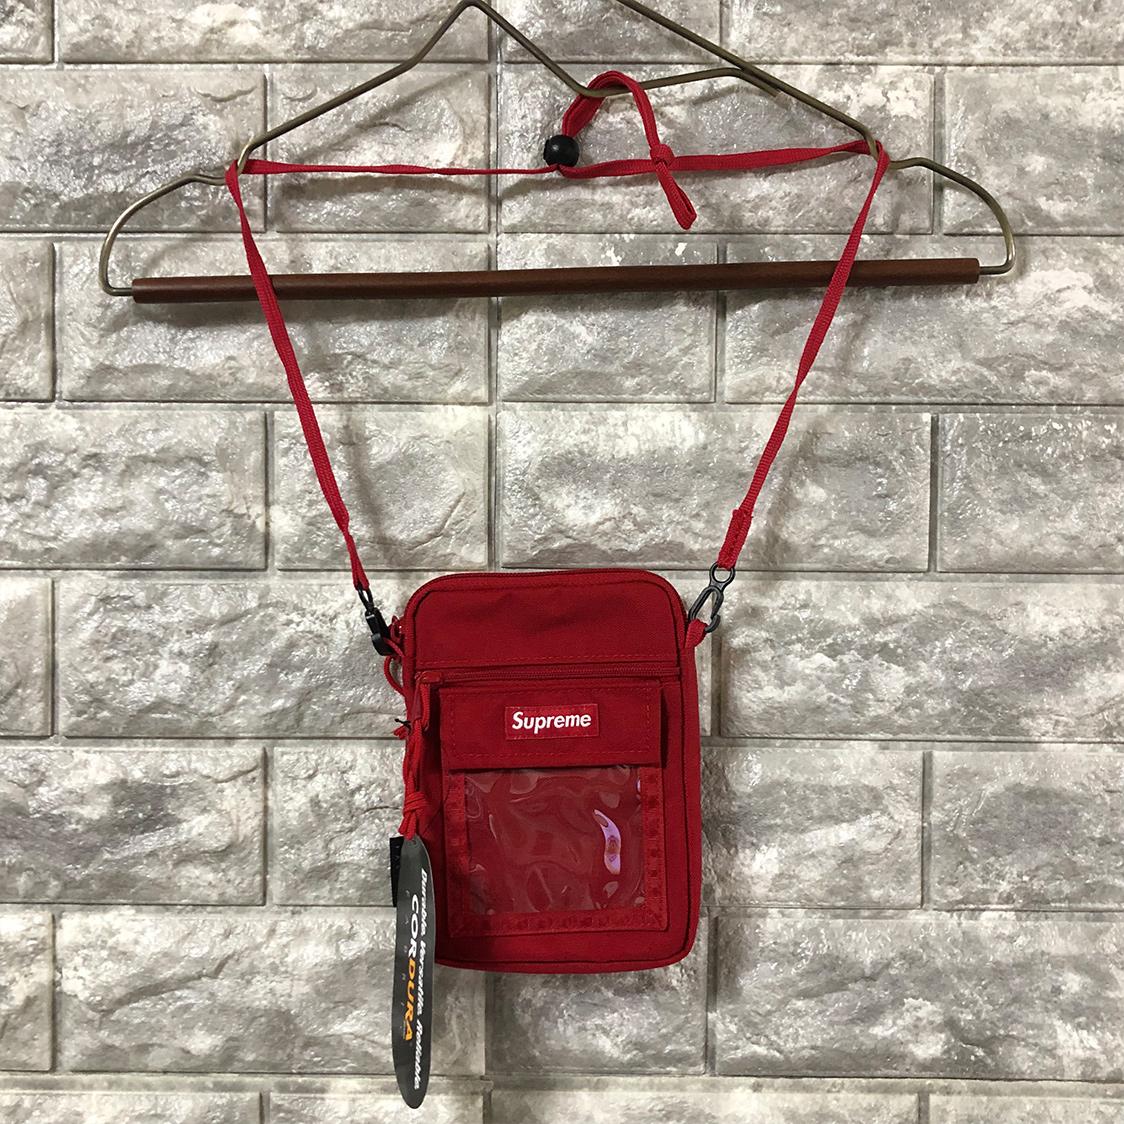 新品 supreme シュプリーム Utility Pouch Red ショルダー バッグ ポーチ タグ付き レッド 赤 国内正規品